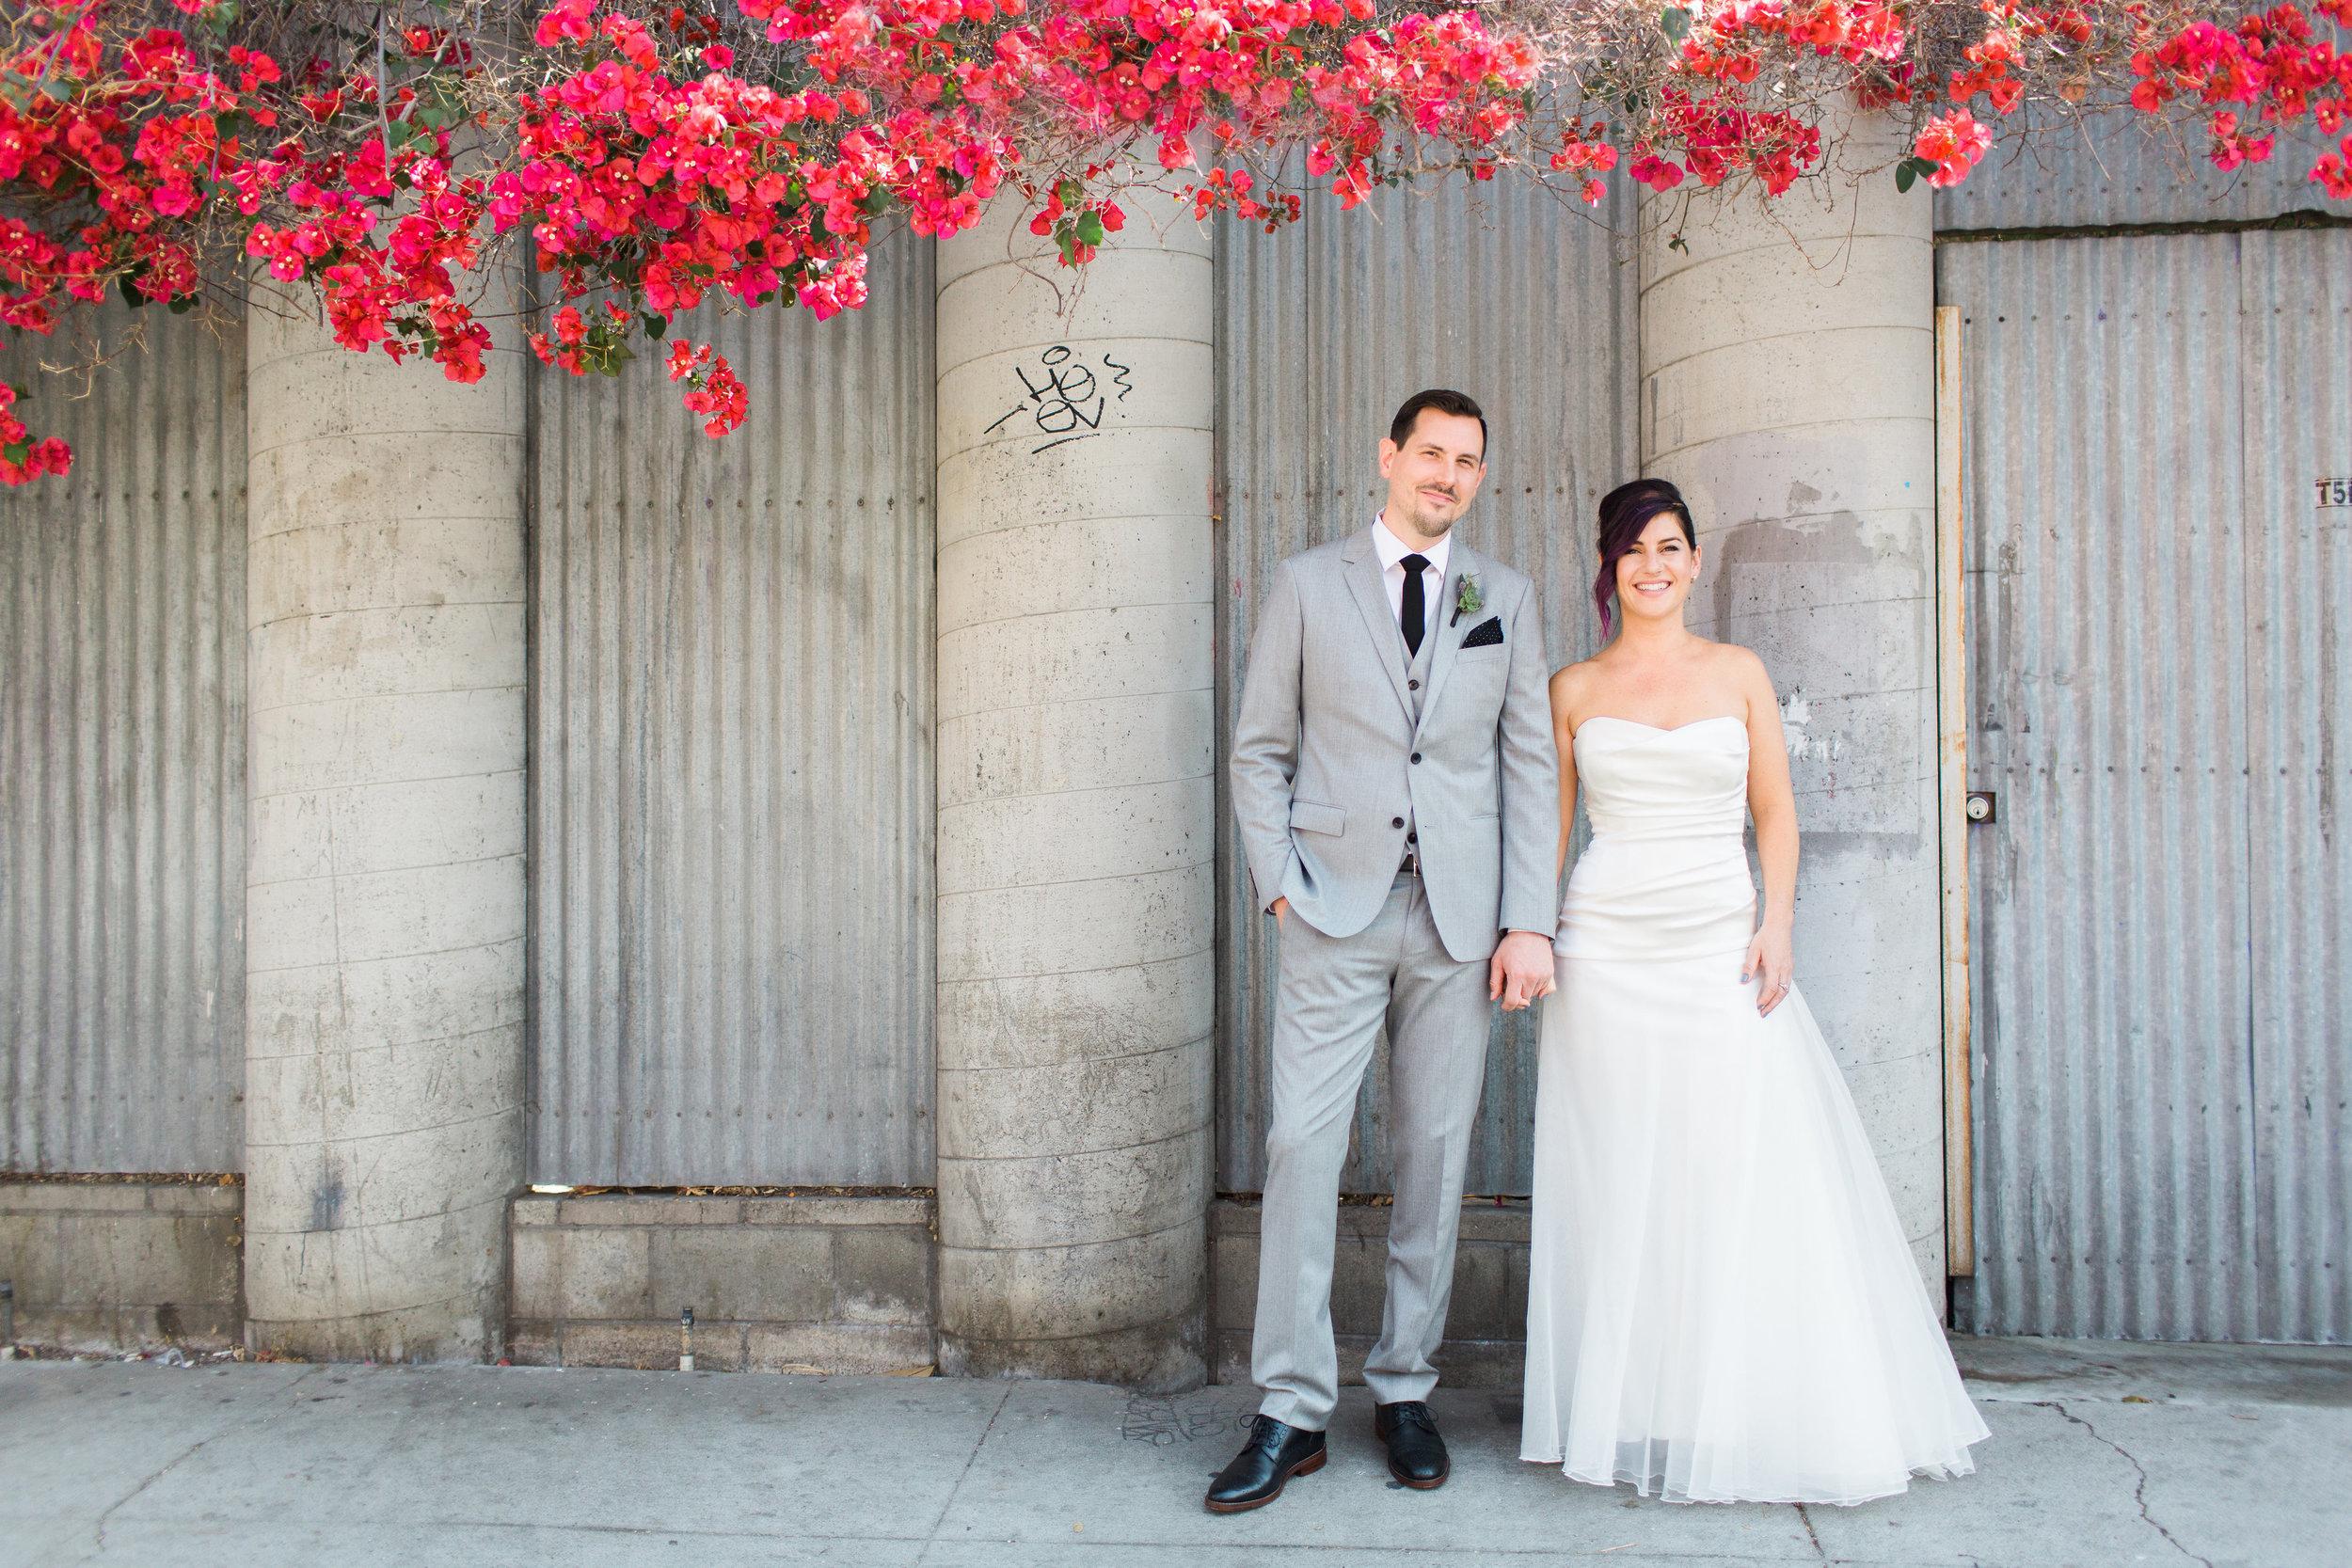 Christina-Nathan-Wedding-174.jpg